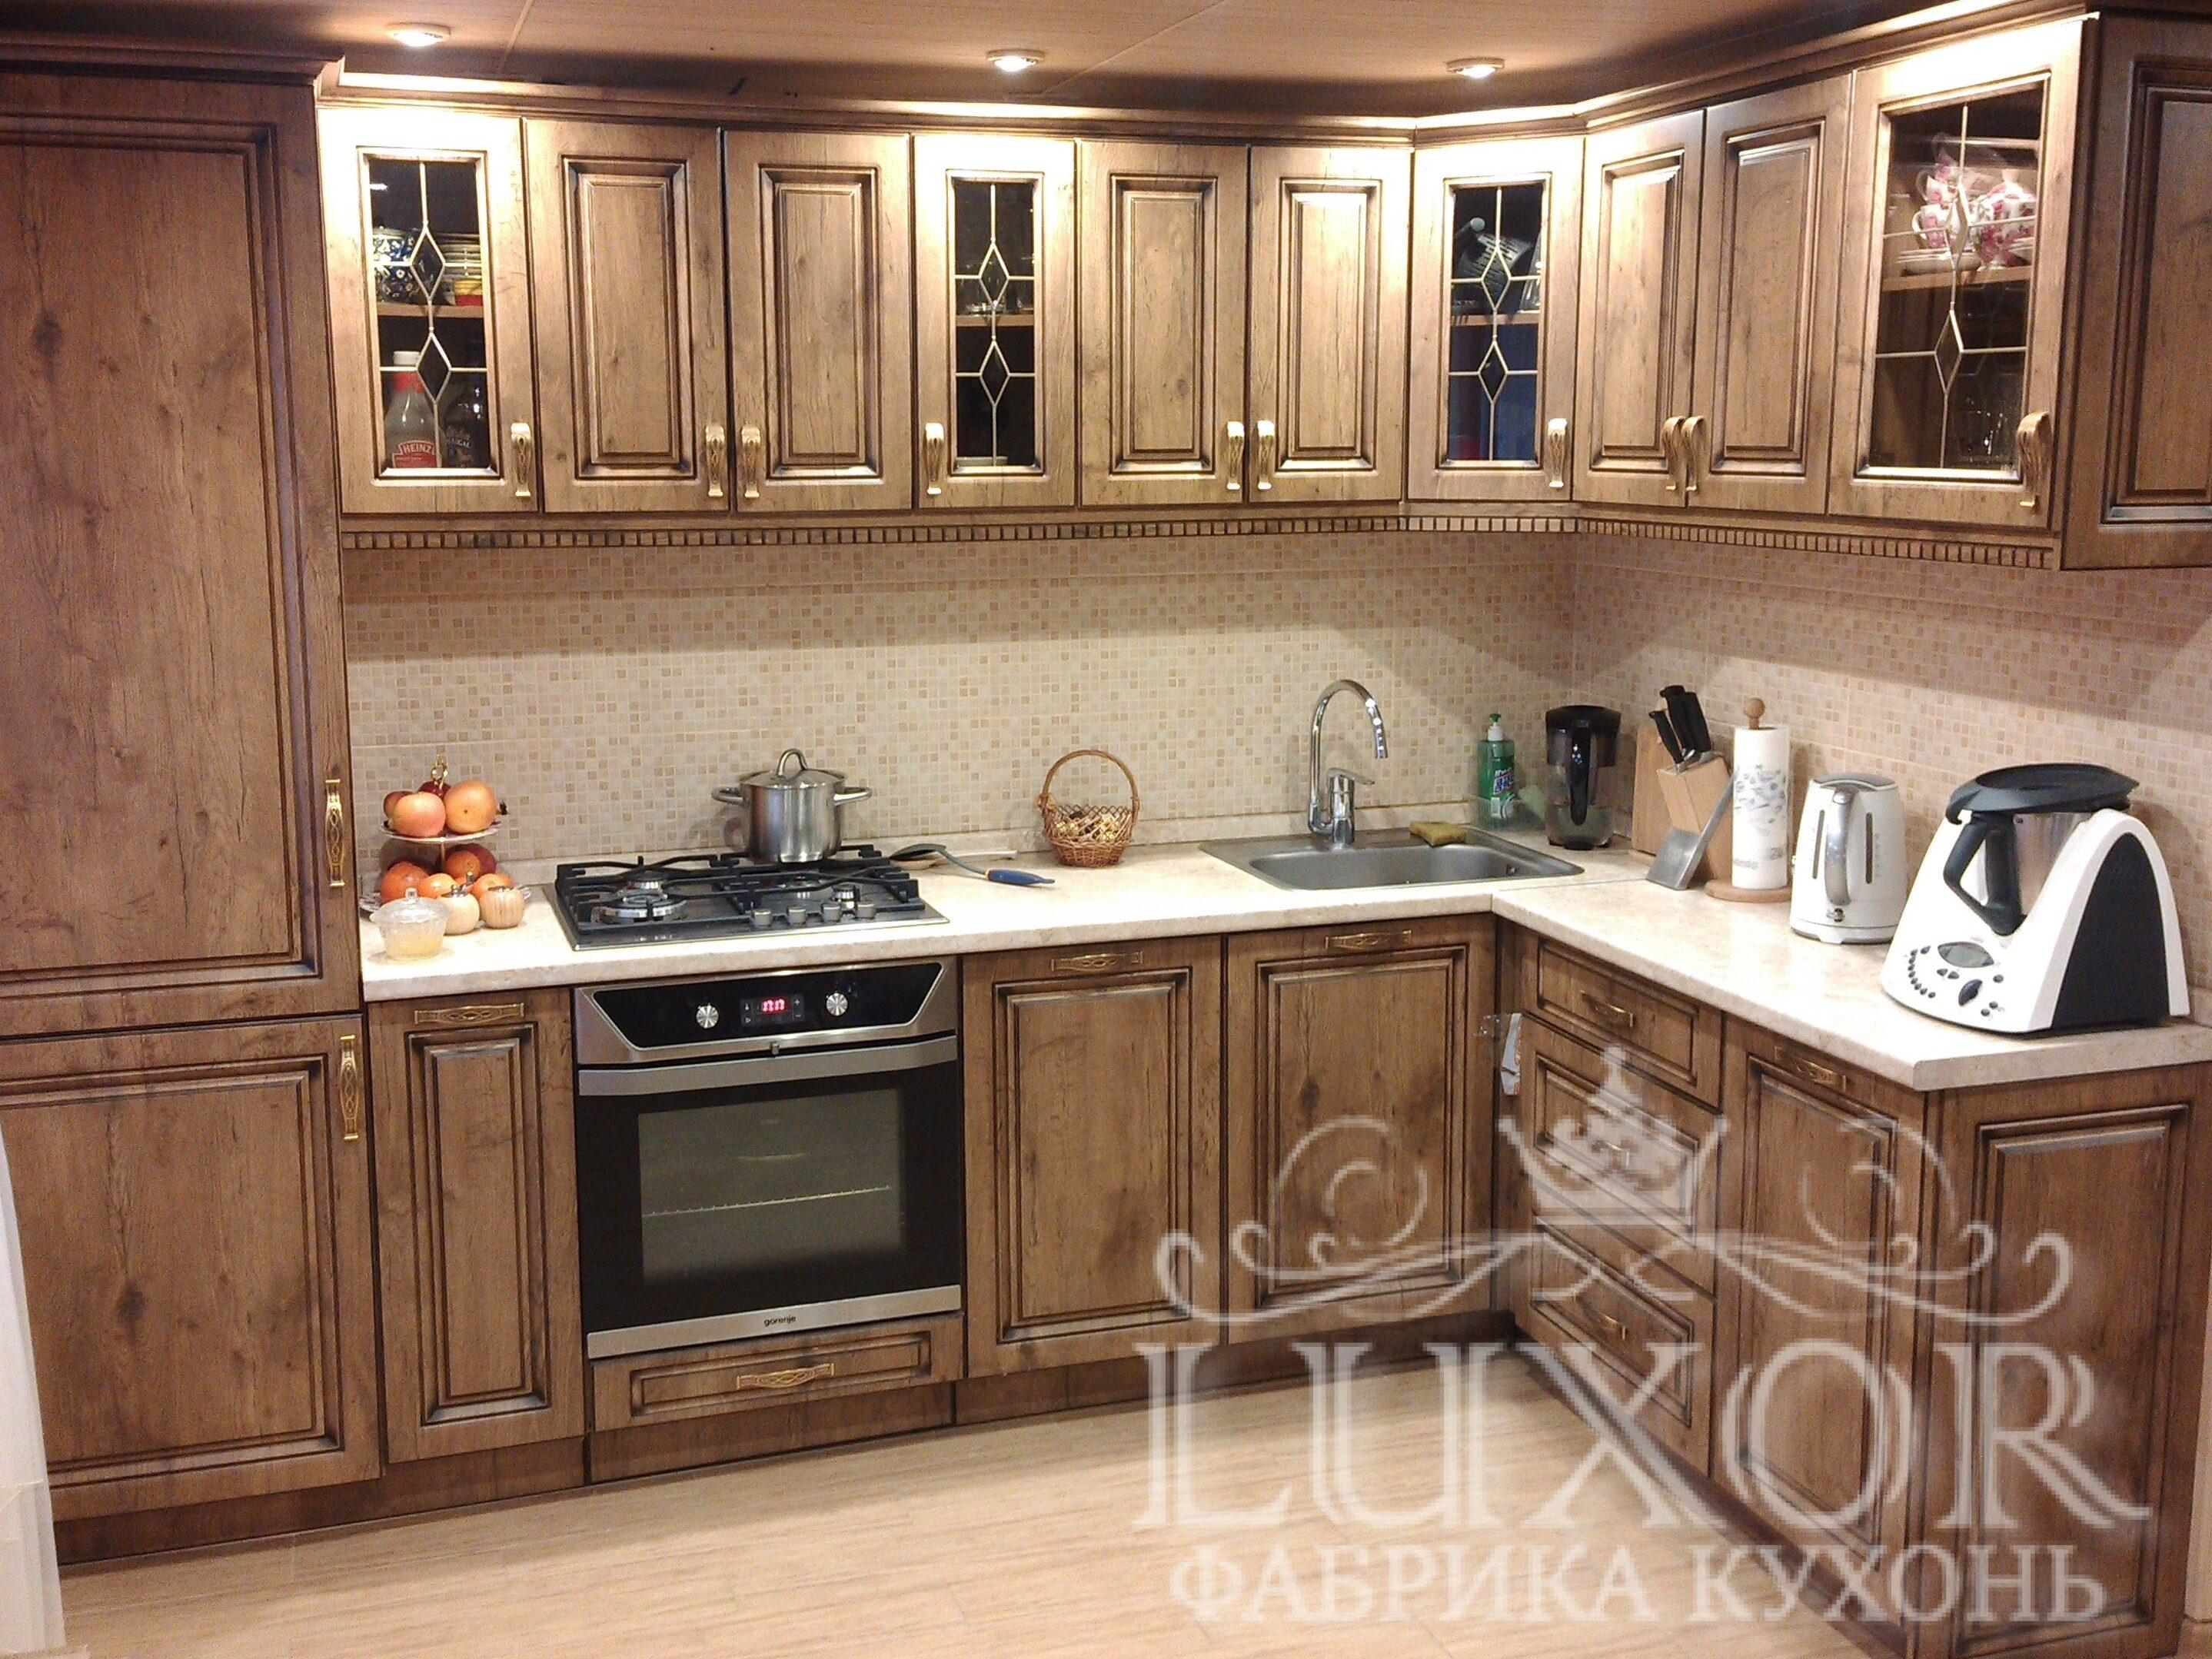 Кухня Ницца - изображение